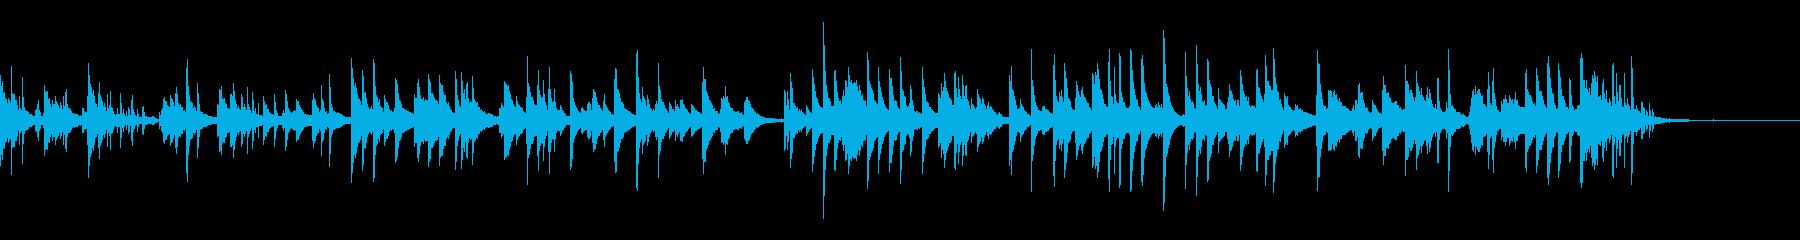 癒しのピアノソロ1の再生済みの波形